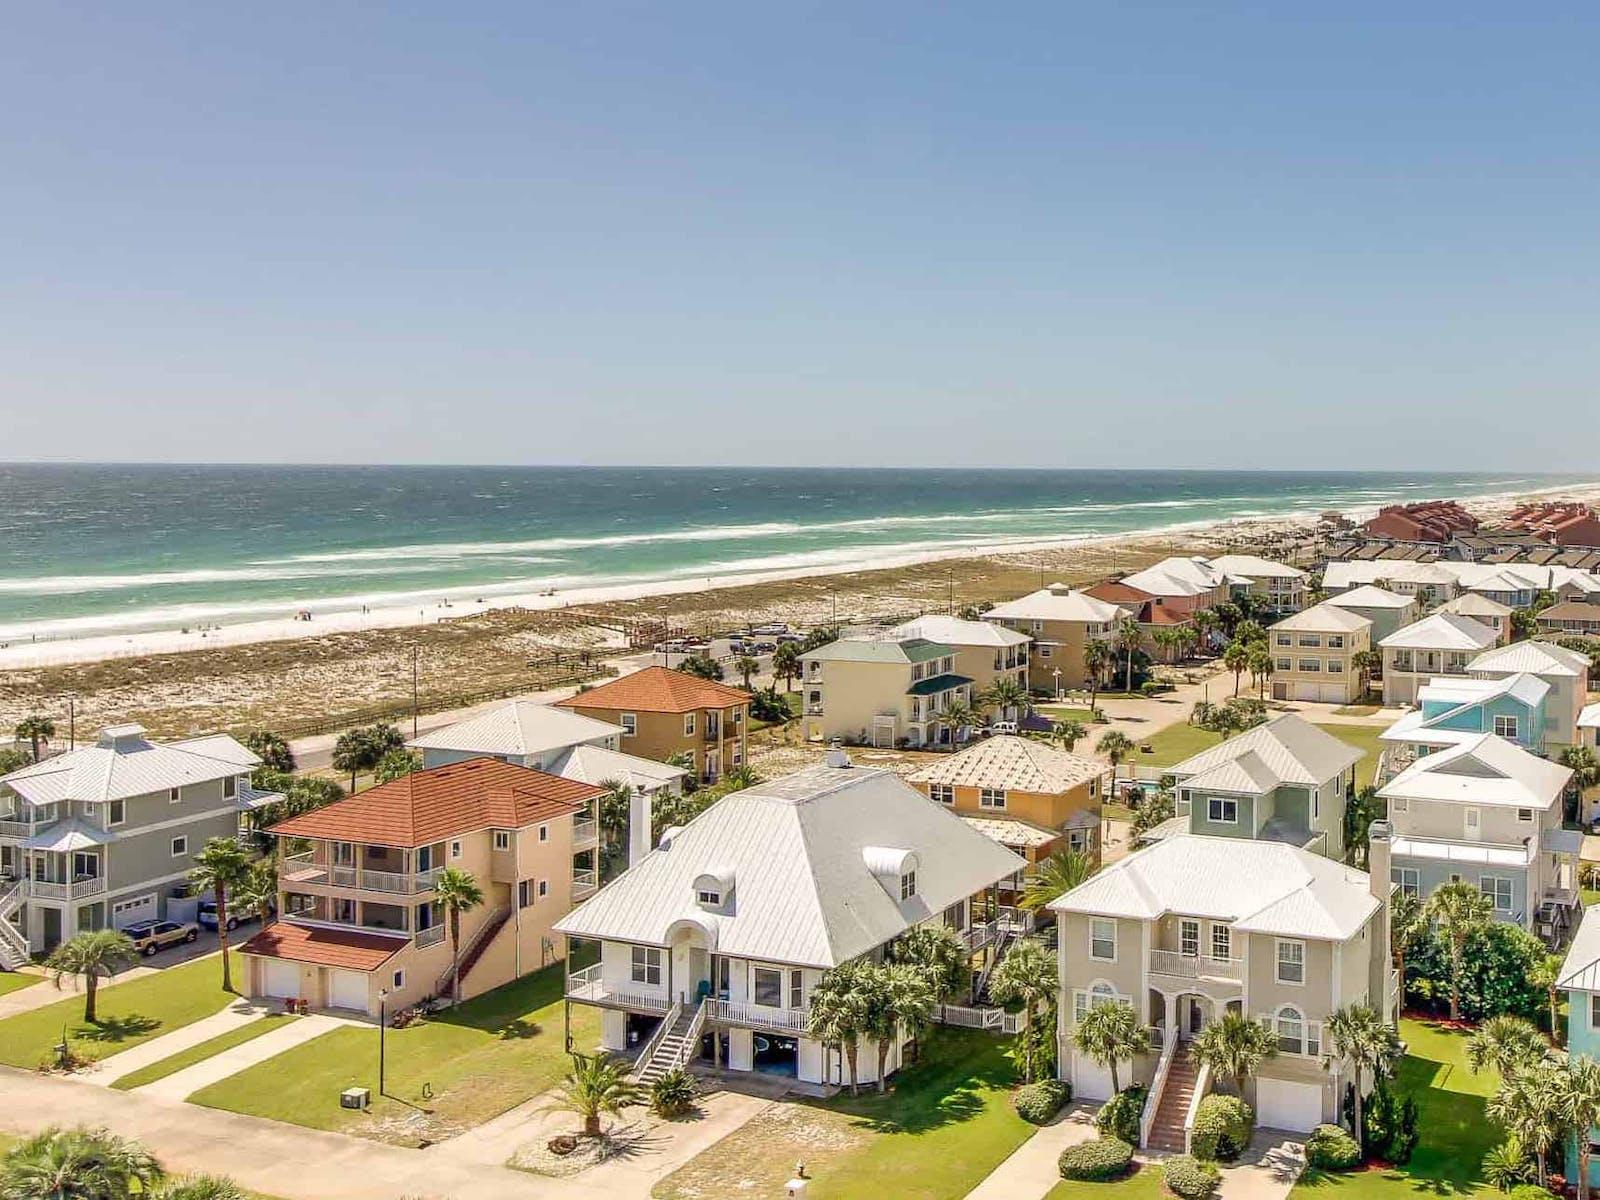 Beach houses in Pensacola Beach, FL